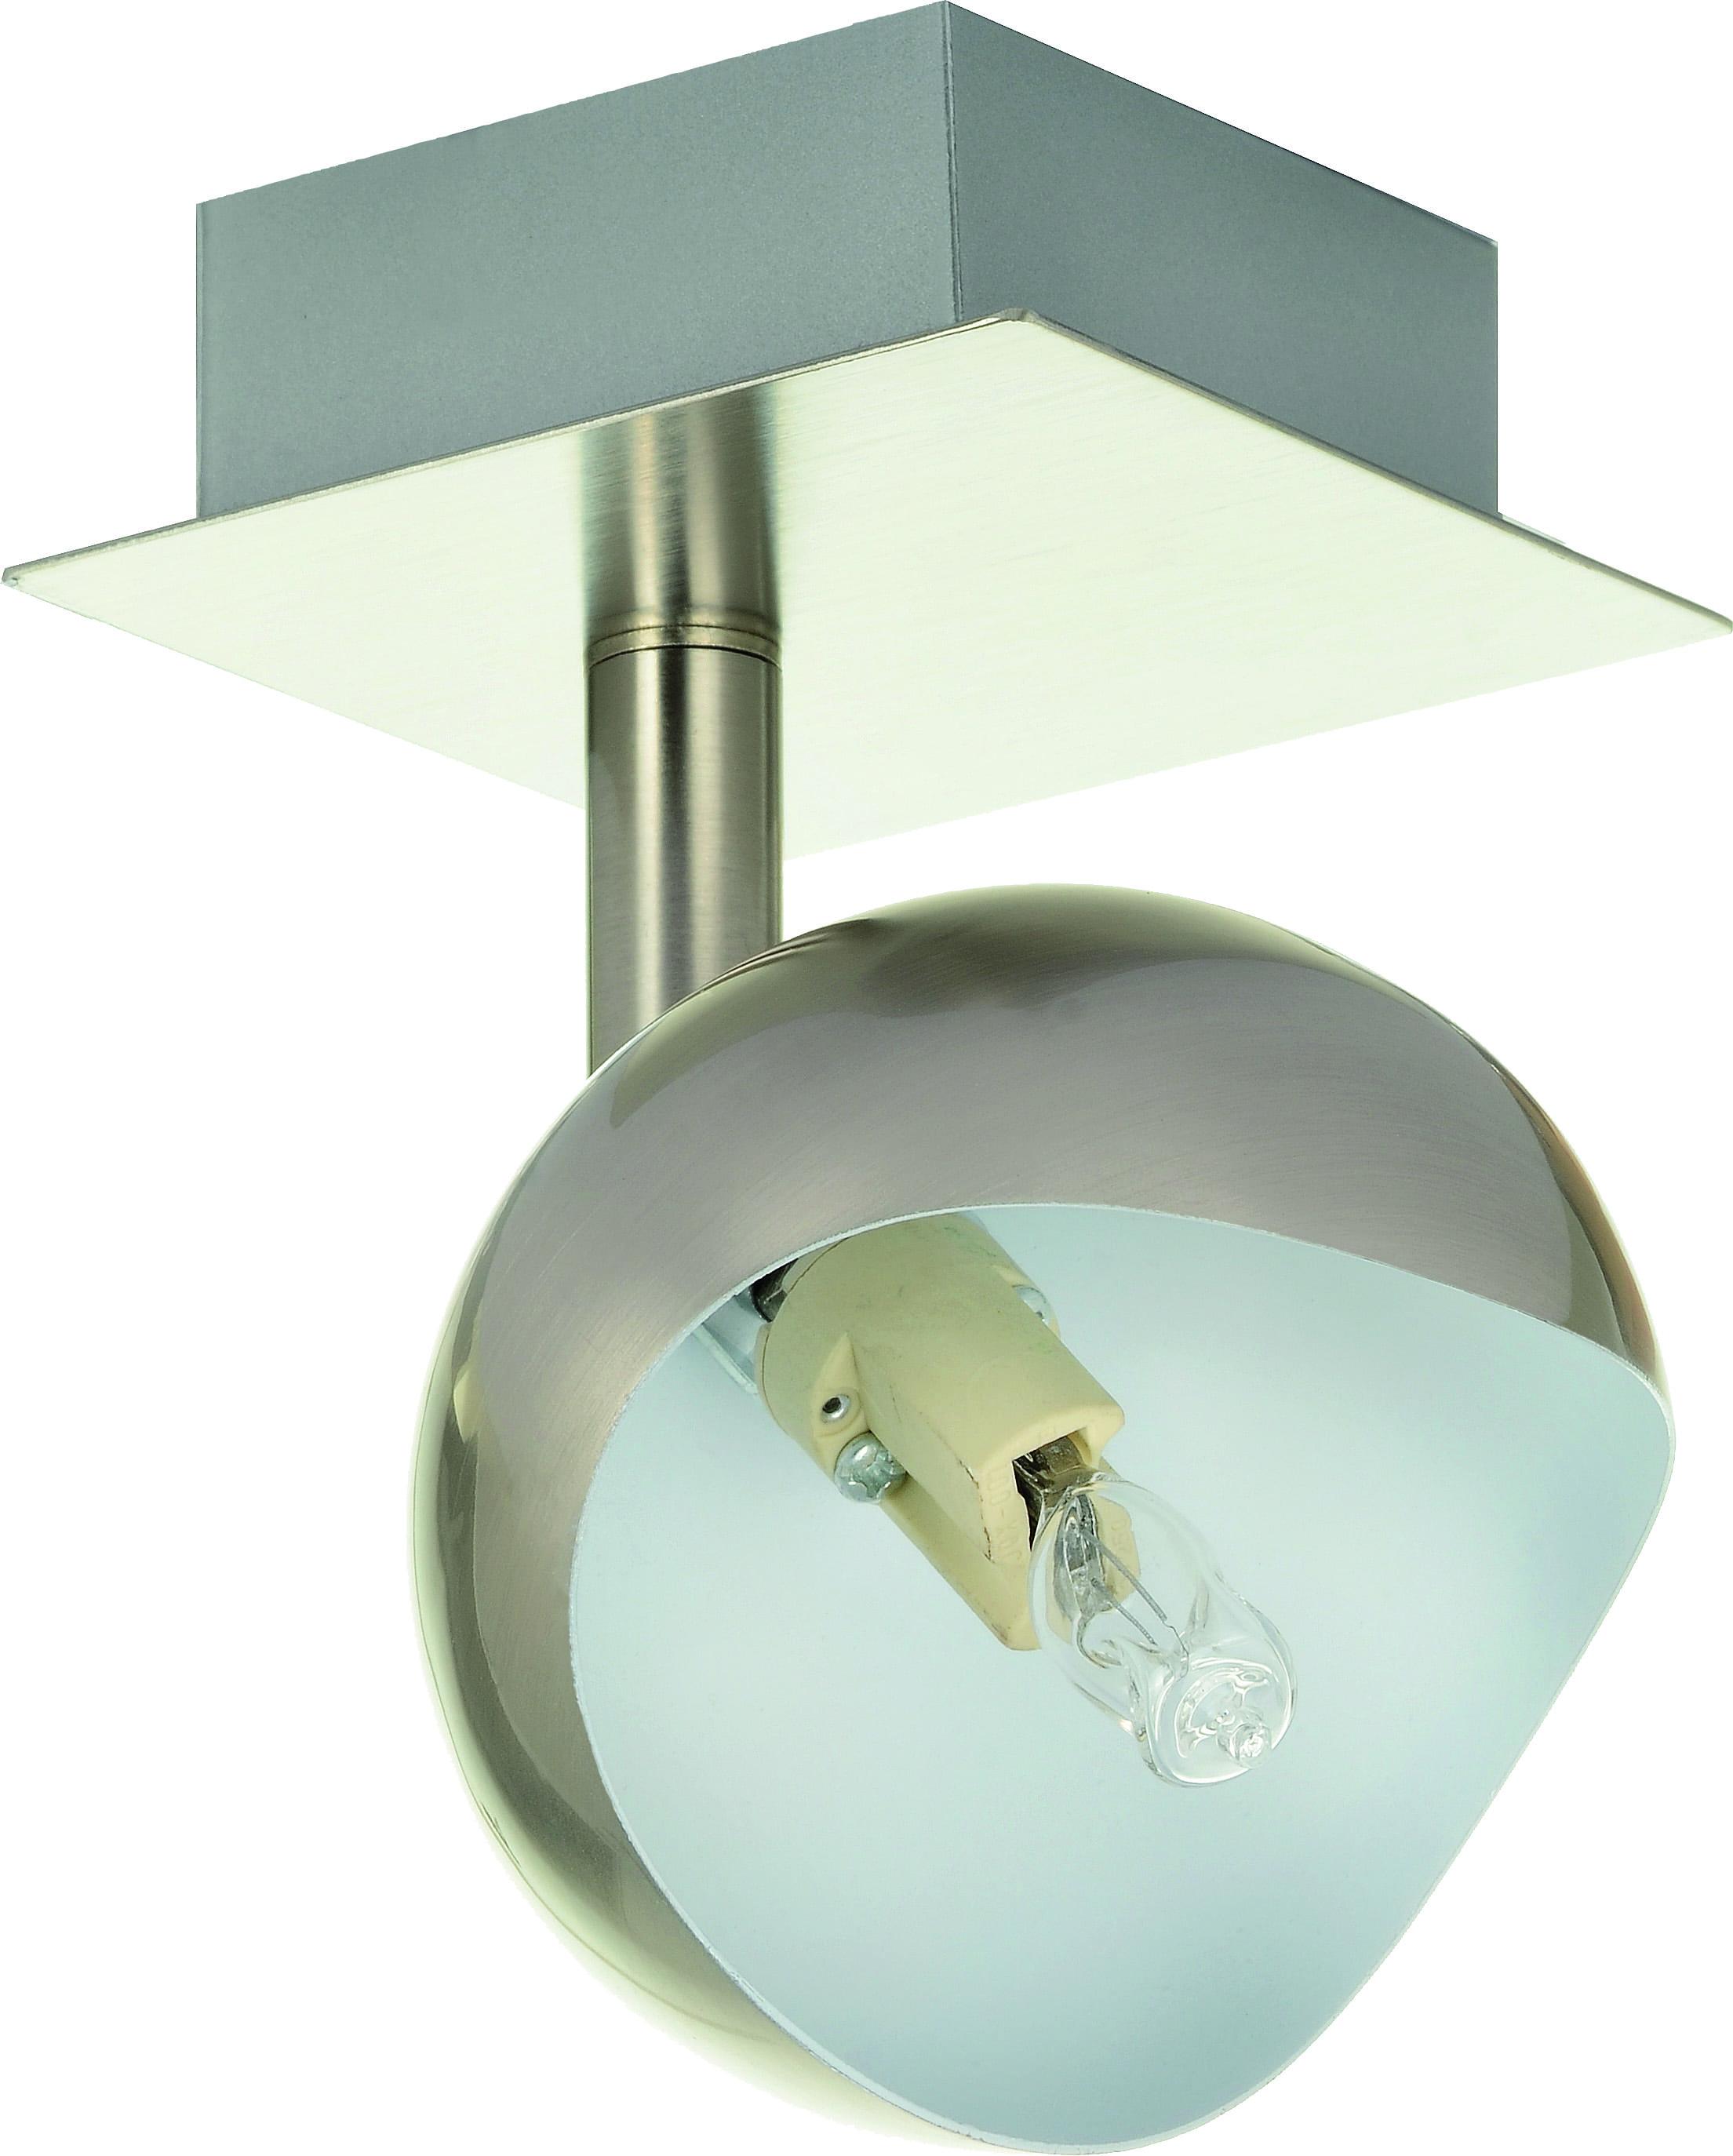 Wall lamp Metal Kumi Satinized G9 28W